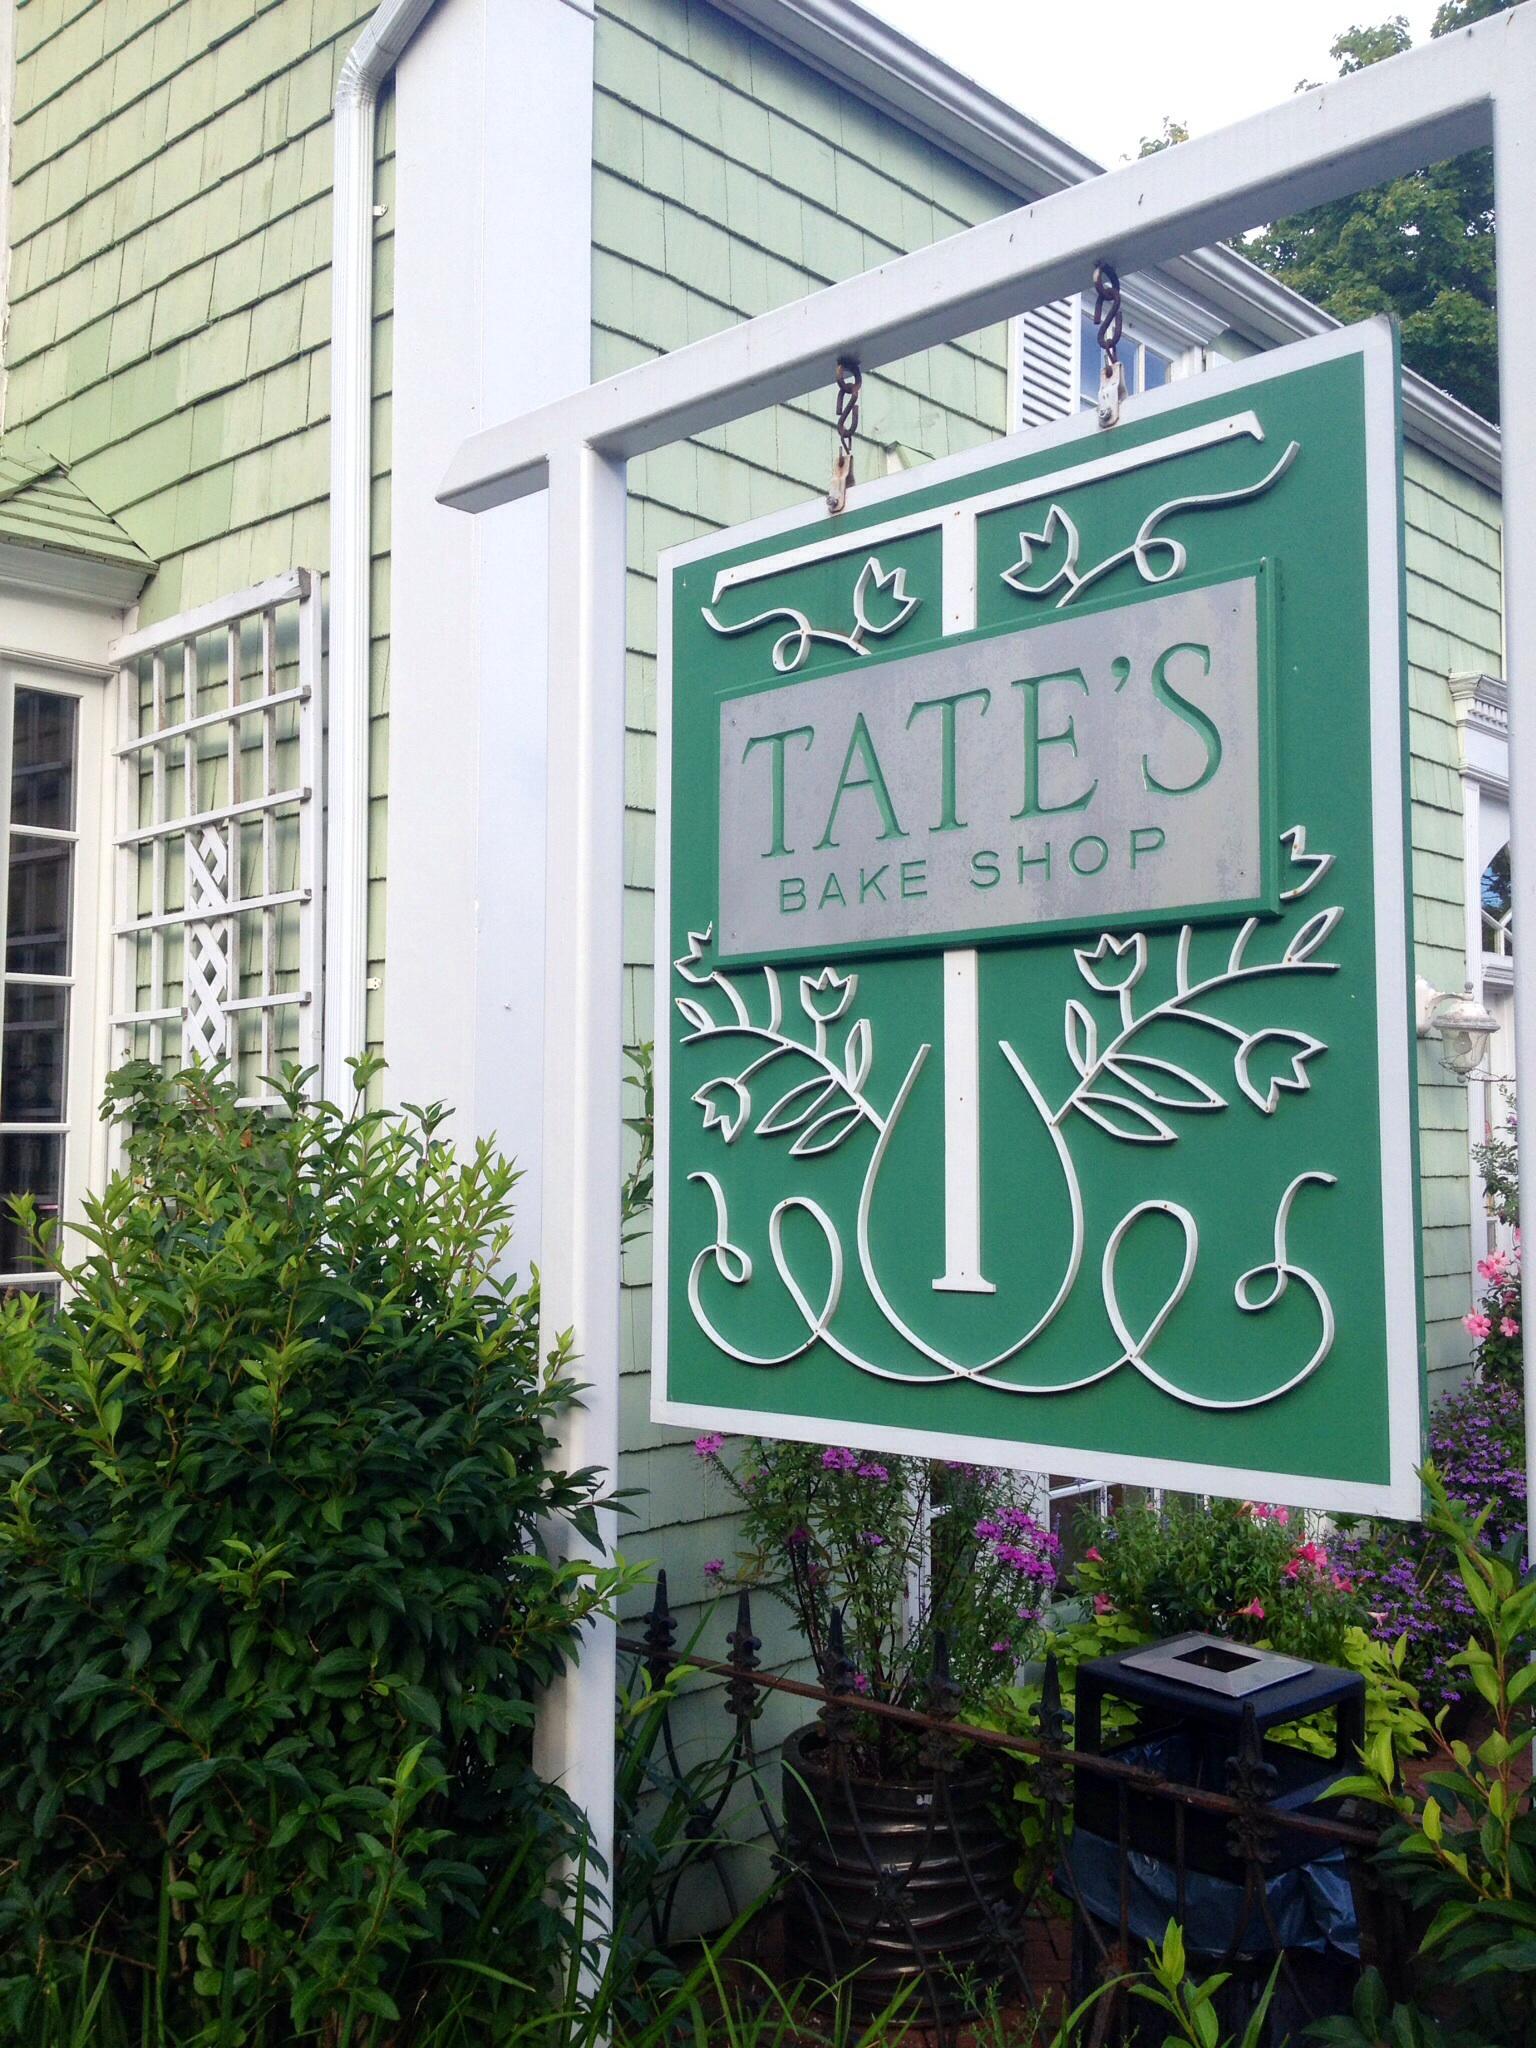 Day Trip: Southampton-Tate's